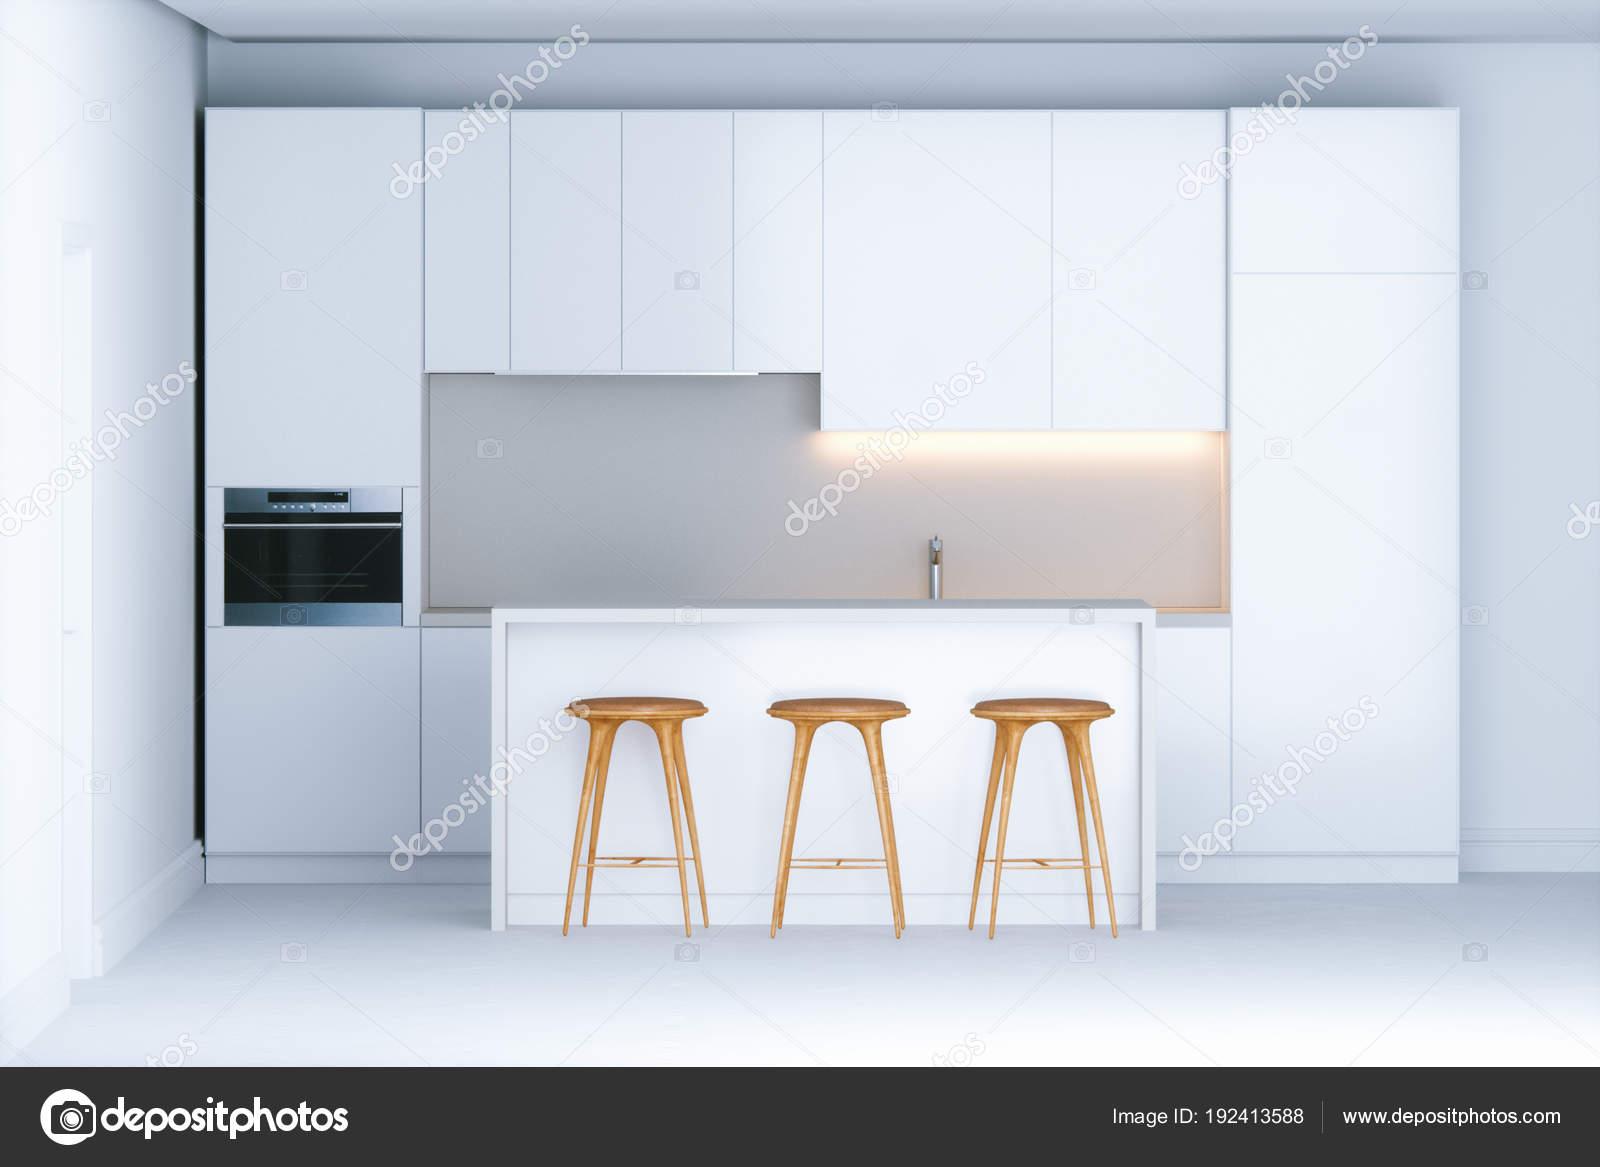 Witte Minimalistische Woonkeuken : Moderne minimalistische keuken in nieuwe witte interieur d rende